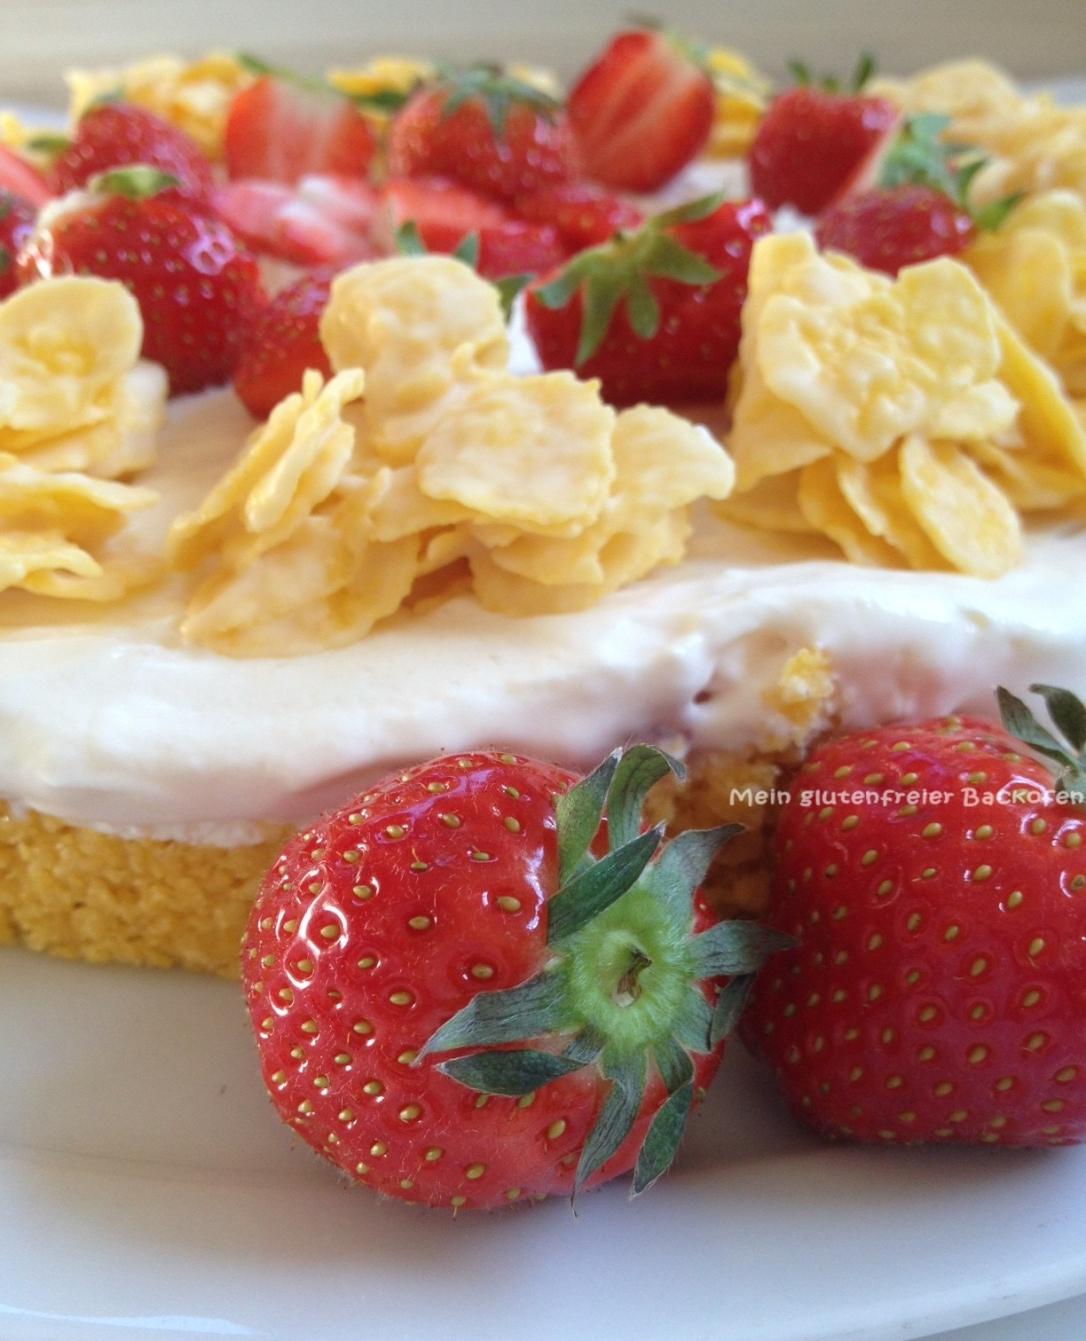 cornflakes-frischkc3a4se-torte-2.jpg